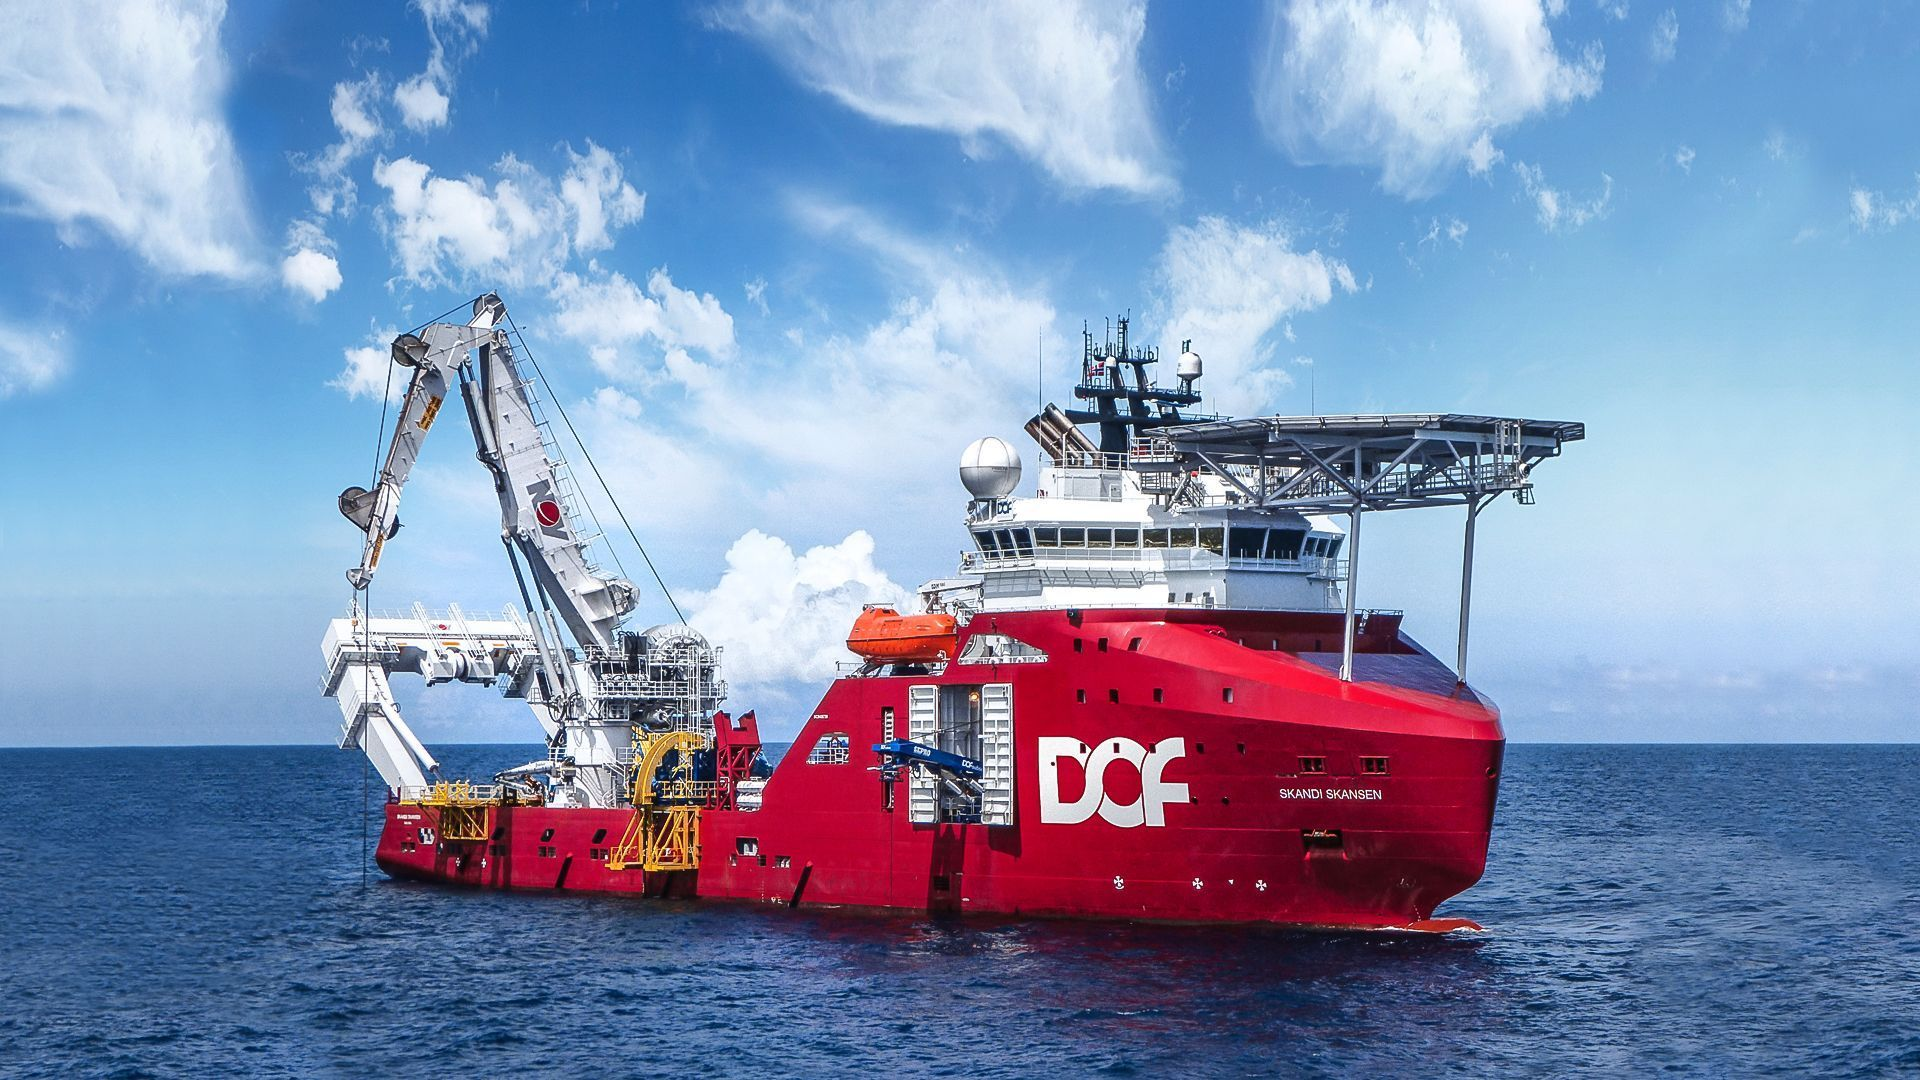 Petrobras e DOF Subsea fecham quatro contratos no valor de US$ 110 milhões para projetos offshore no Brasil